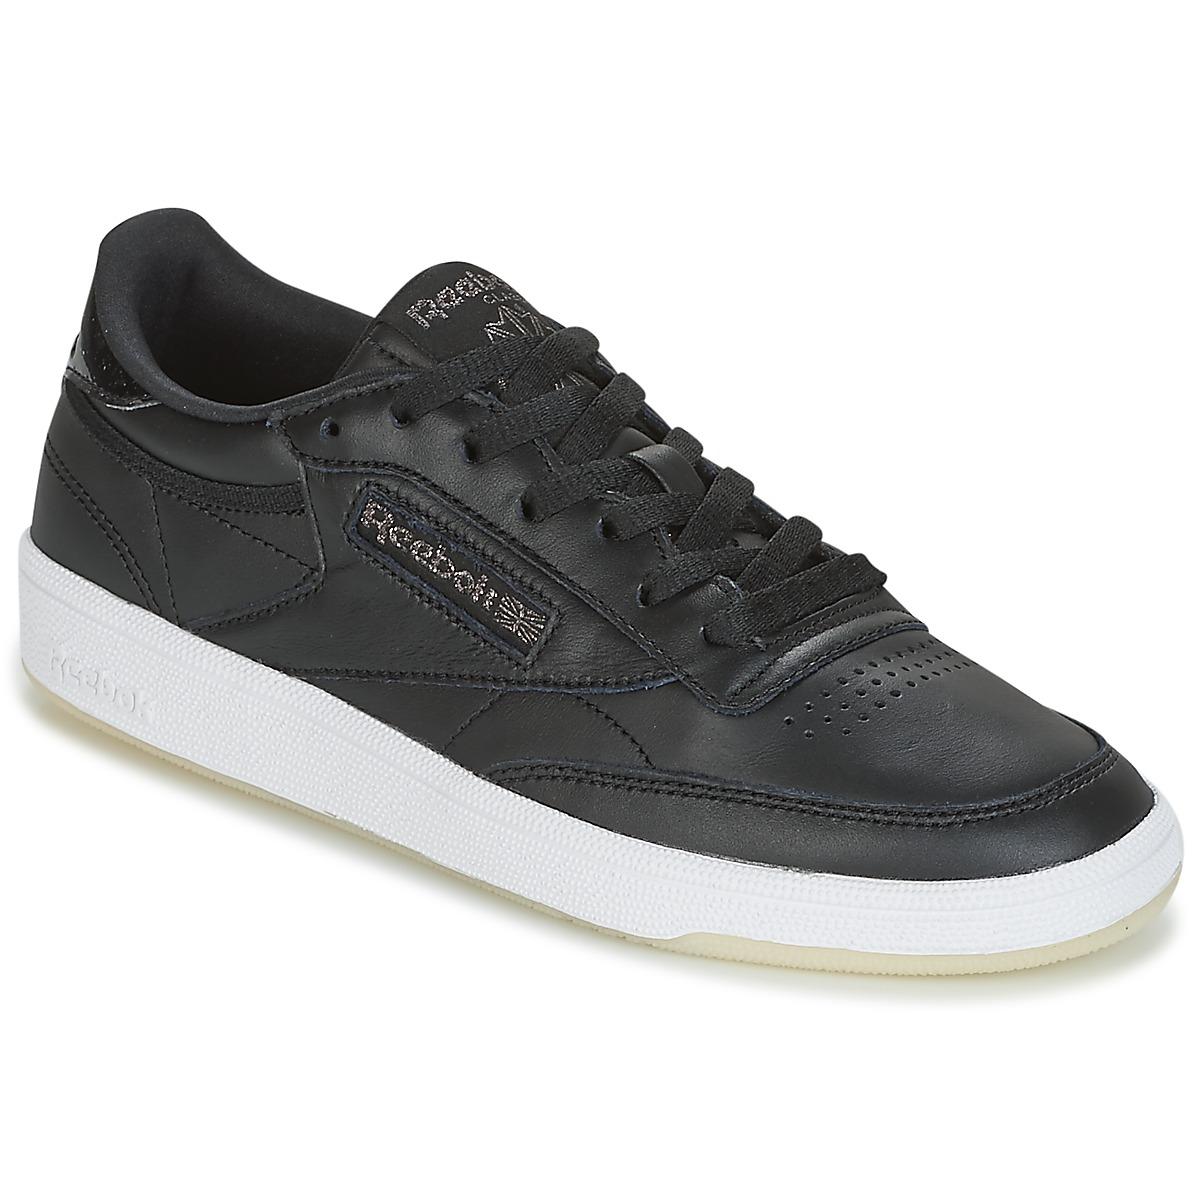 Reebok Classic CLUB C 85 LTHR Schwarz - Kostenloser Versand bei Spartoode ! - Schuhe Sneaker Low Damen 63,00 €